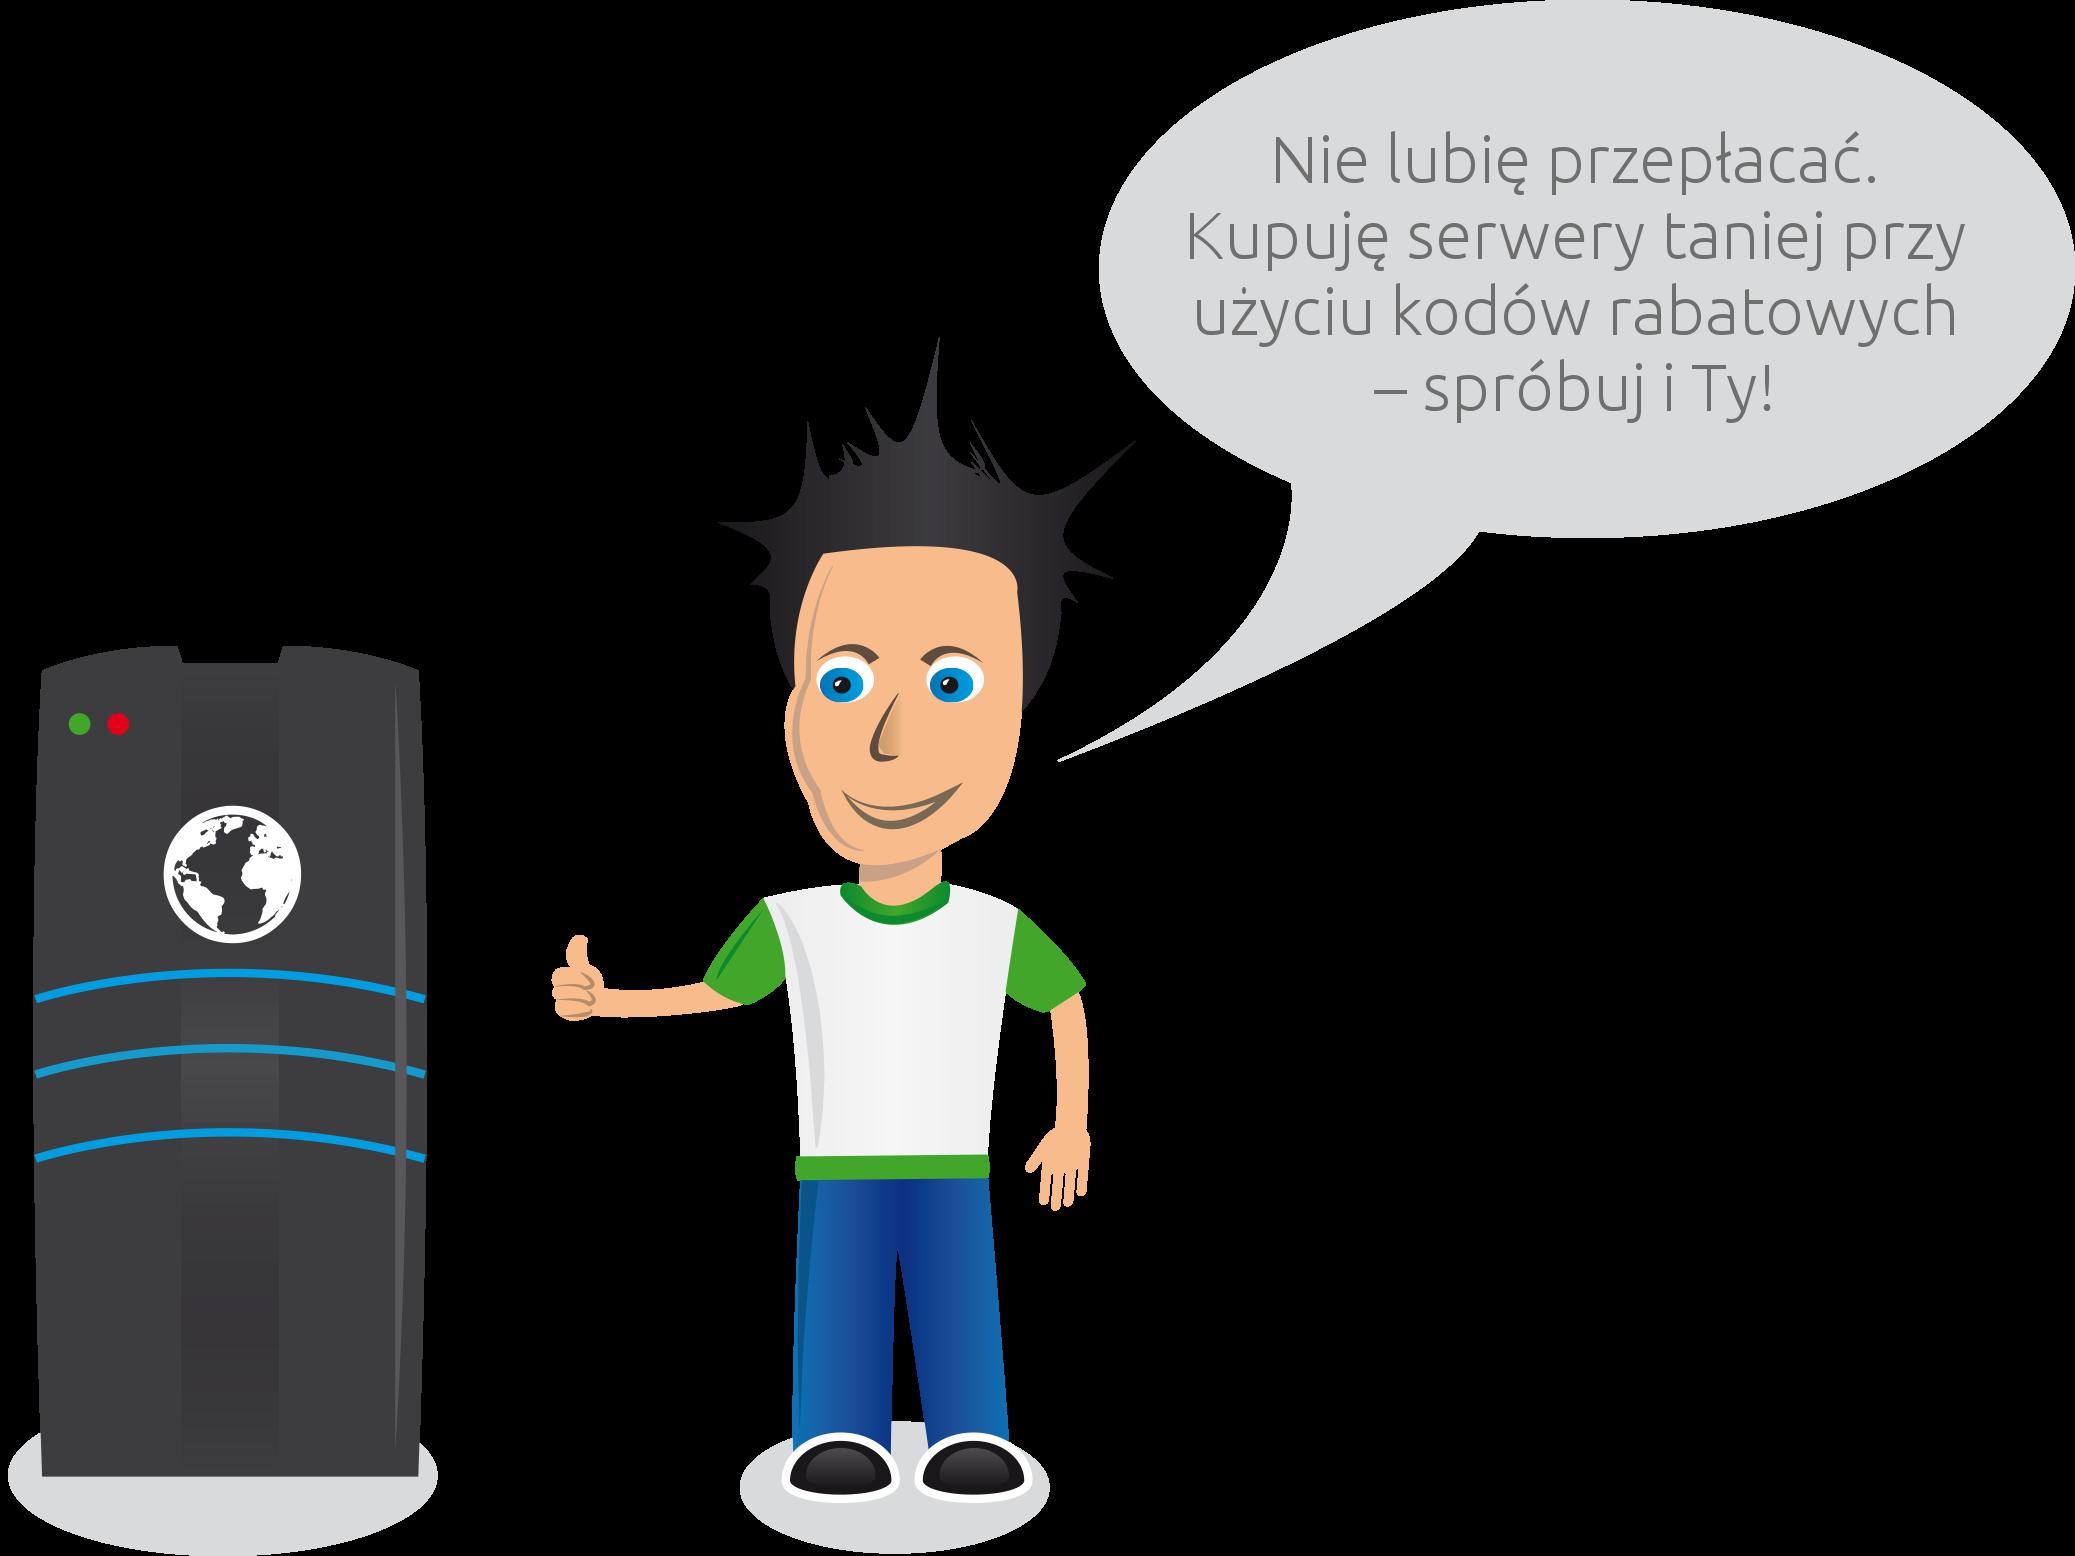 Kto lubi przepłacać? Lepiej kupować serwery taniej przy użyciu kodów rabatowych – spróbuj i Ty!